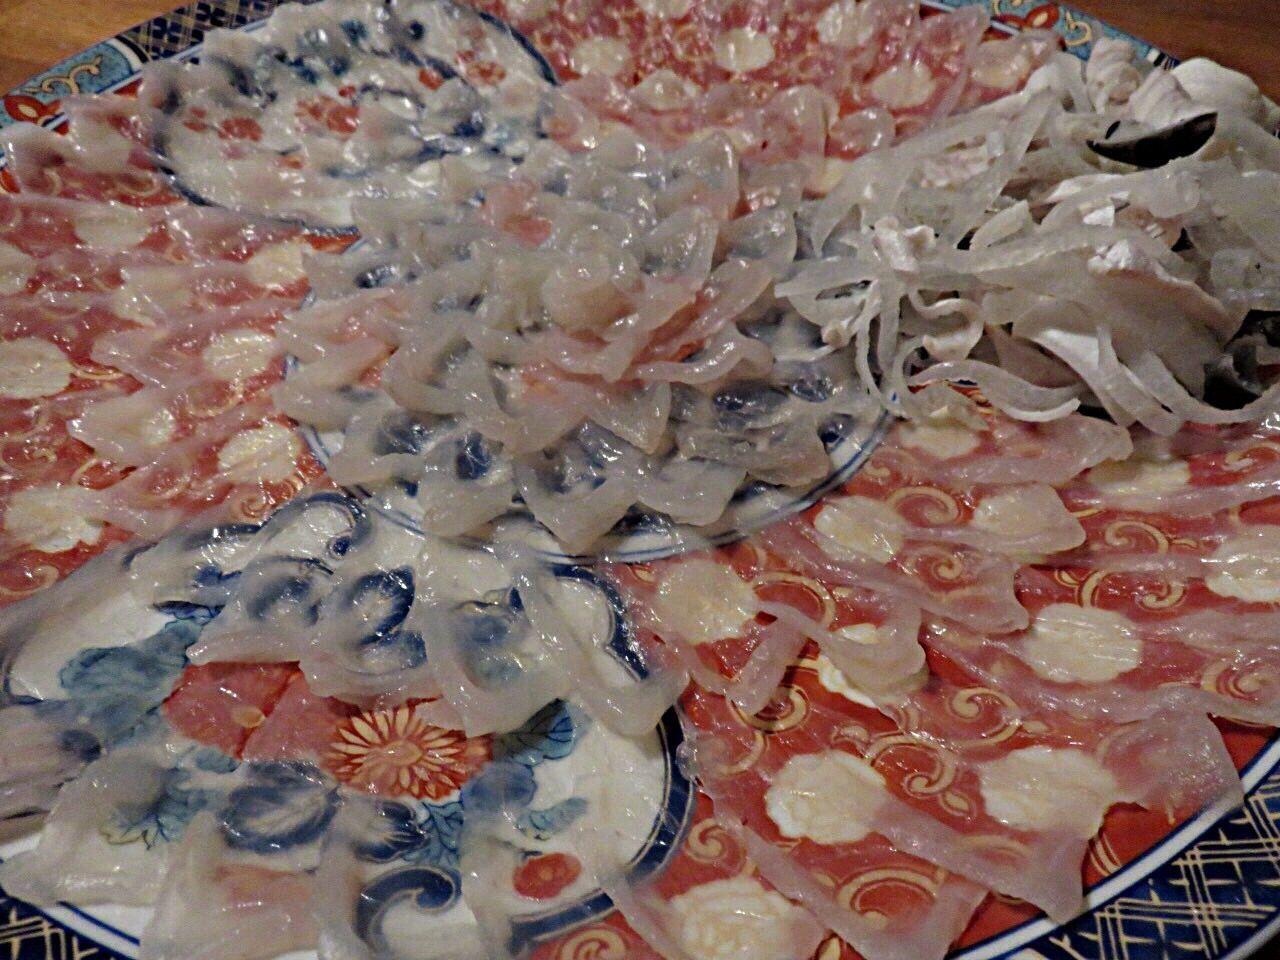 大晦日 河豚 ふぐ ふぐ さしみ さしみ 刺身 刺身 Sashimi Dinner Sashimiday Sashimilovers Fugu Japanesefood Yammy!!  Yammy  Delicious